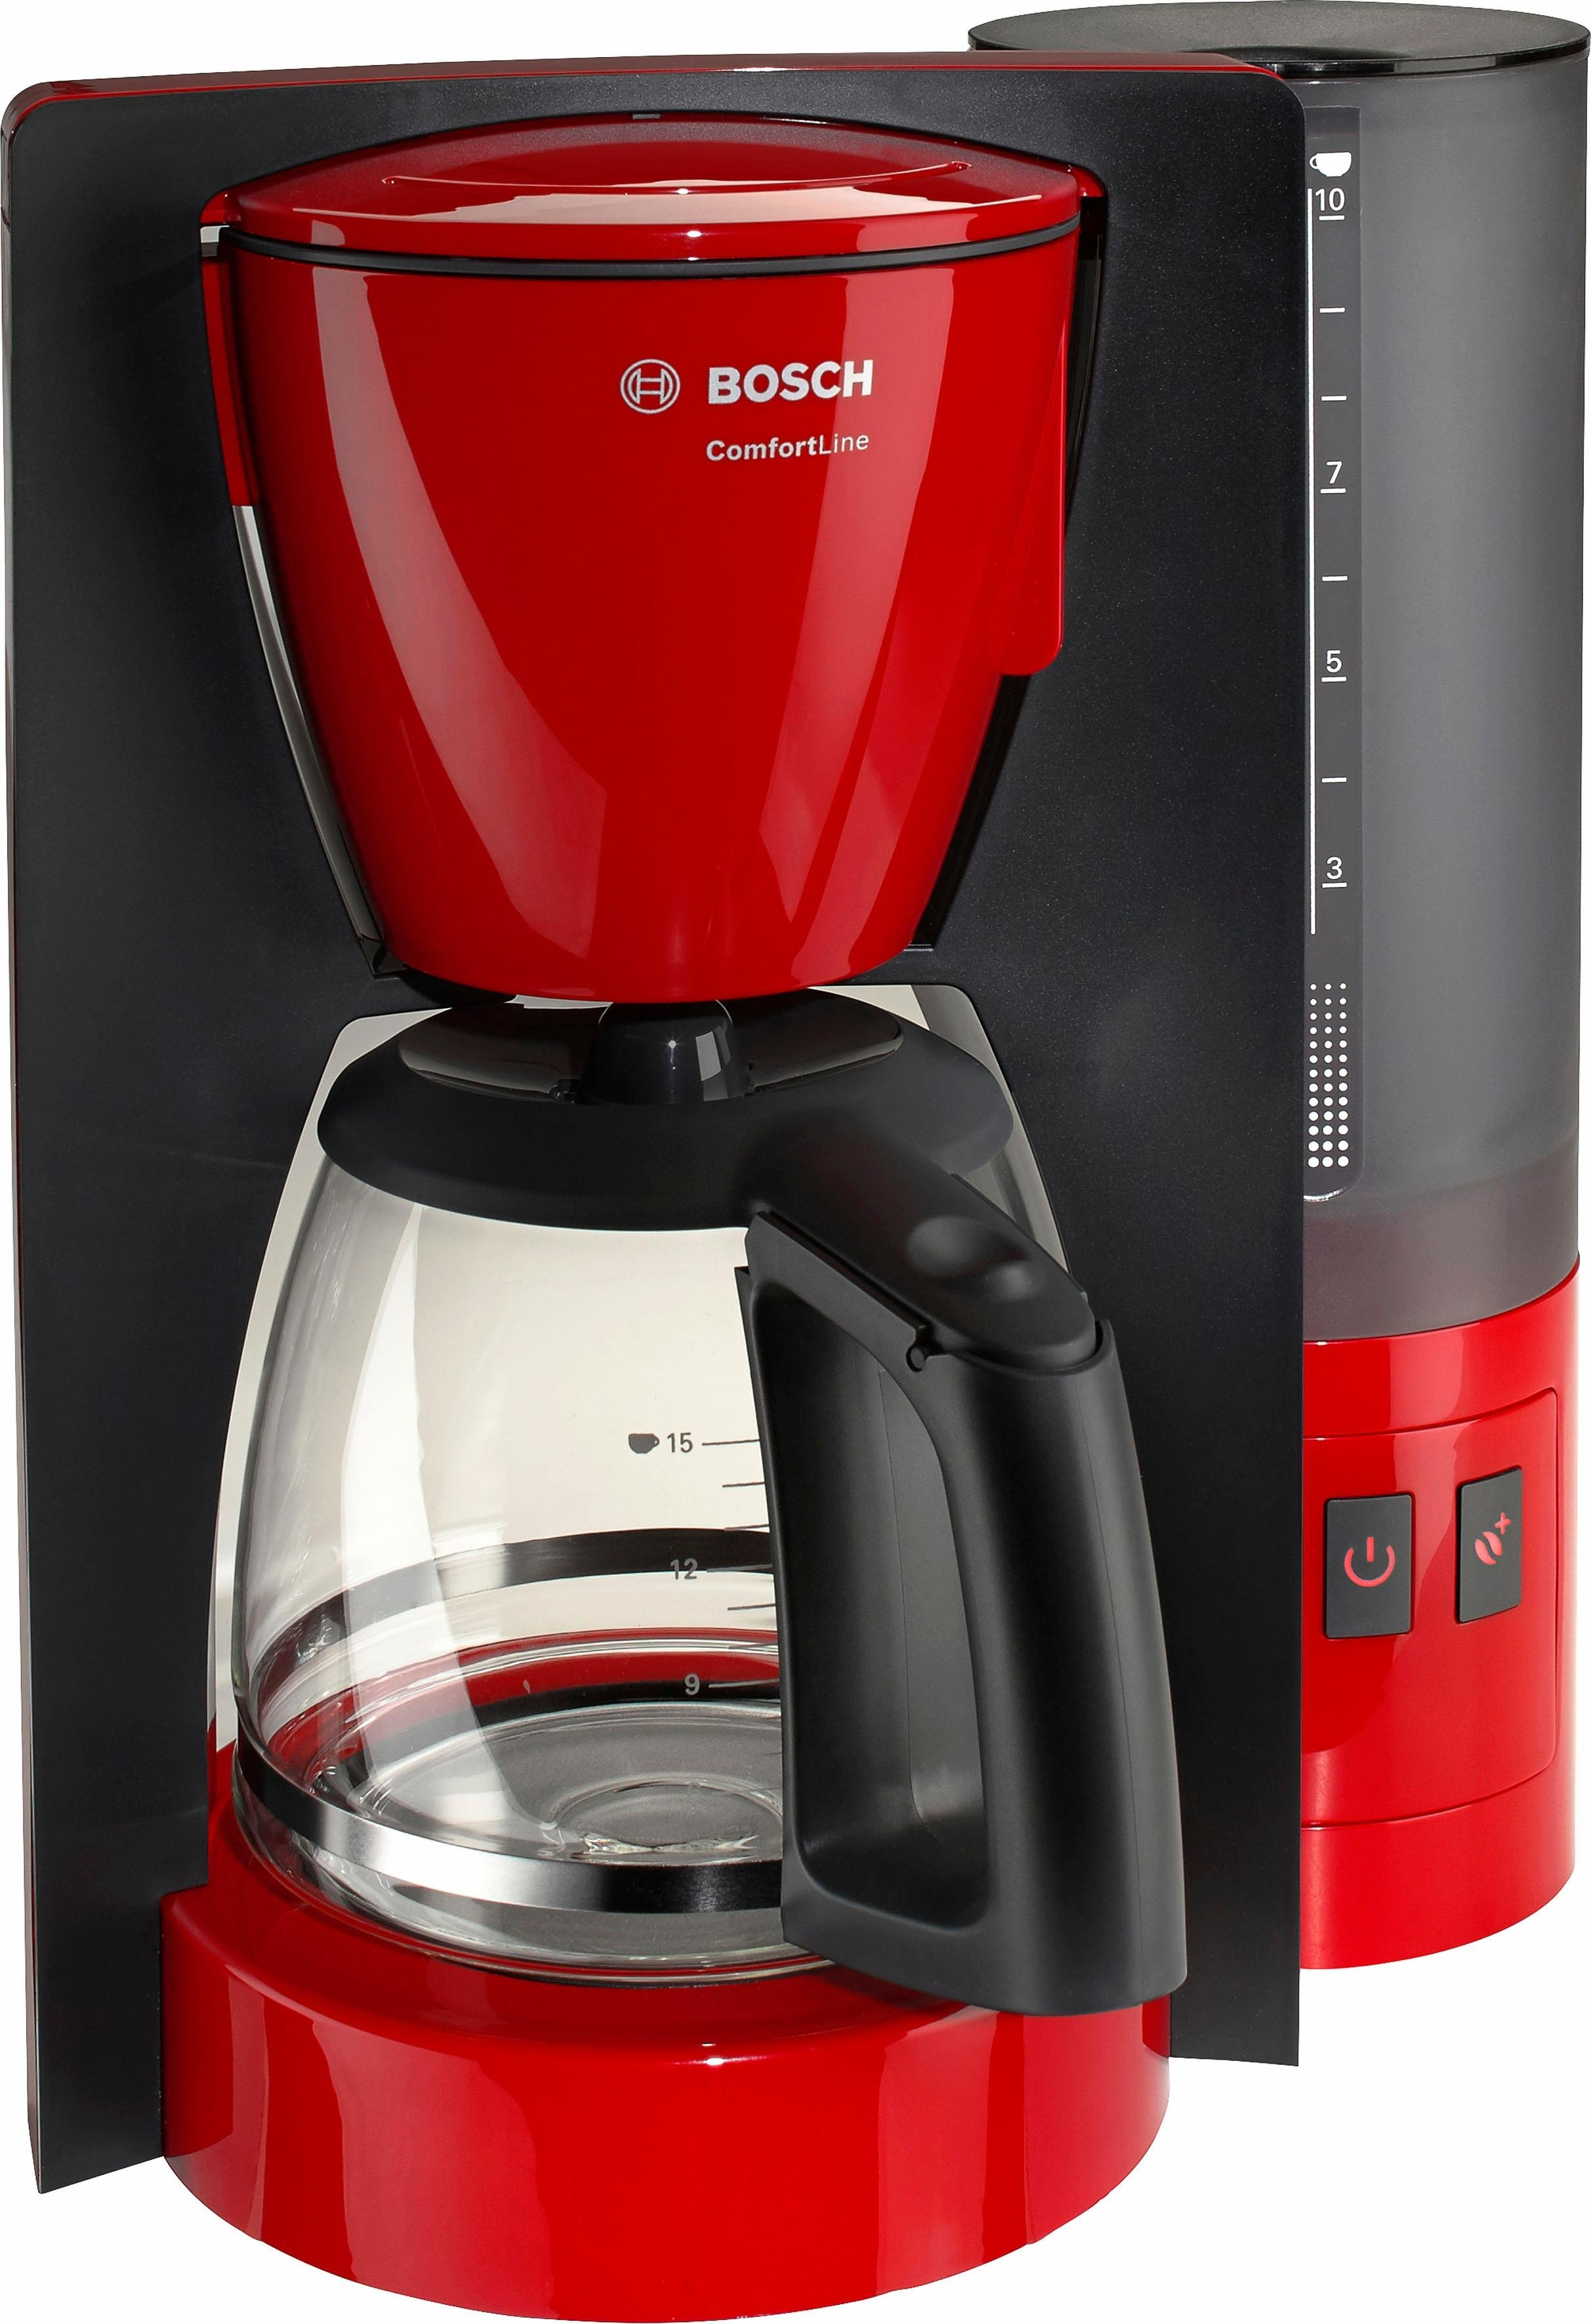 Bosch Koffiezetapparaat ComfortLine TKA6A043, met glazen kan, zwart - gratis ruilen op otto.nl